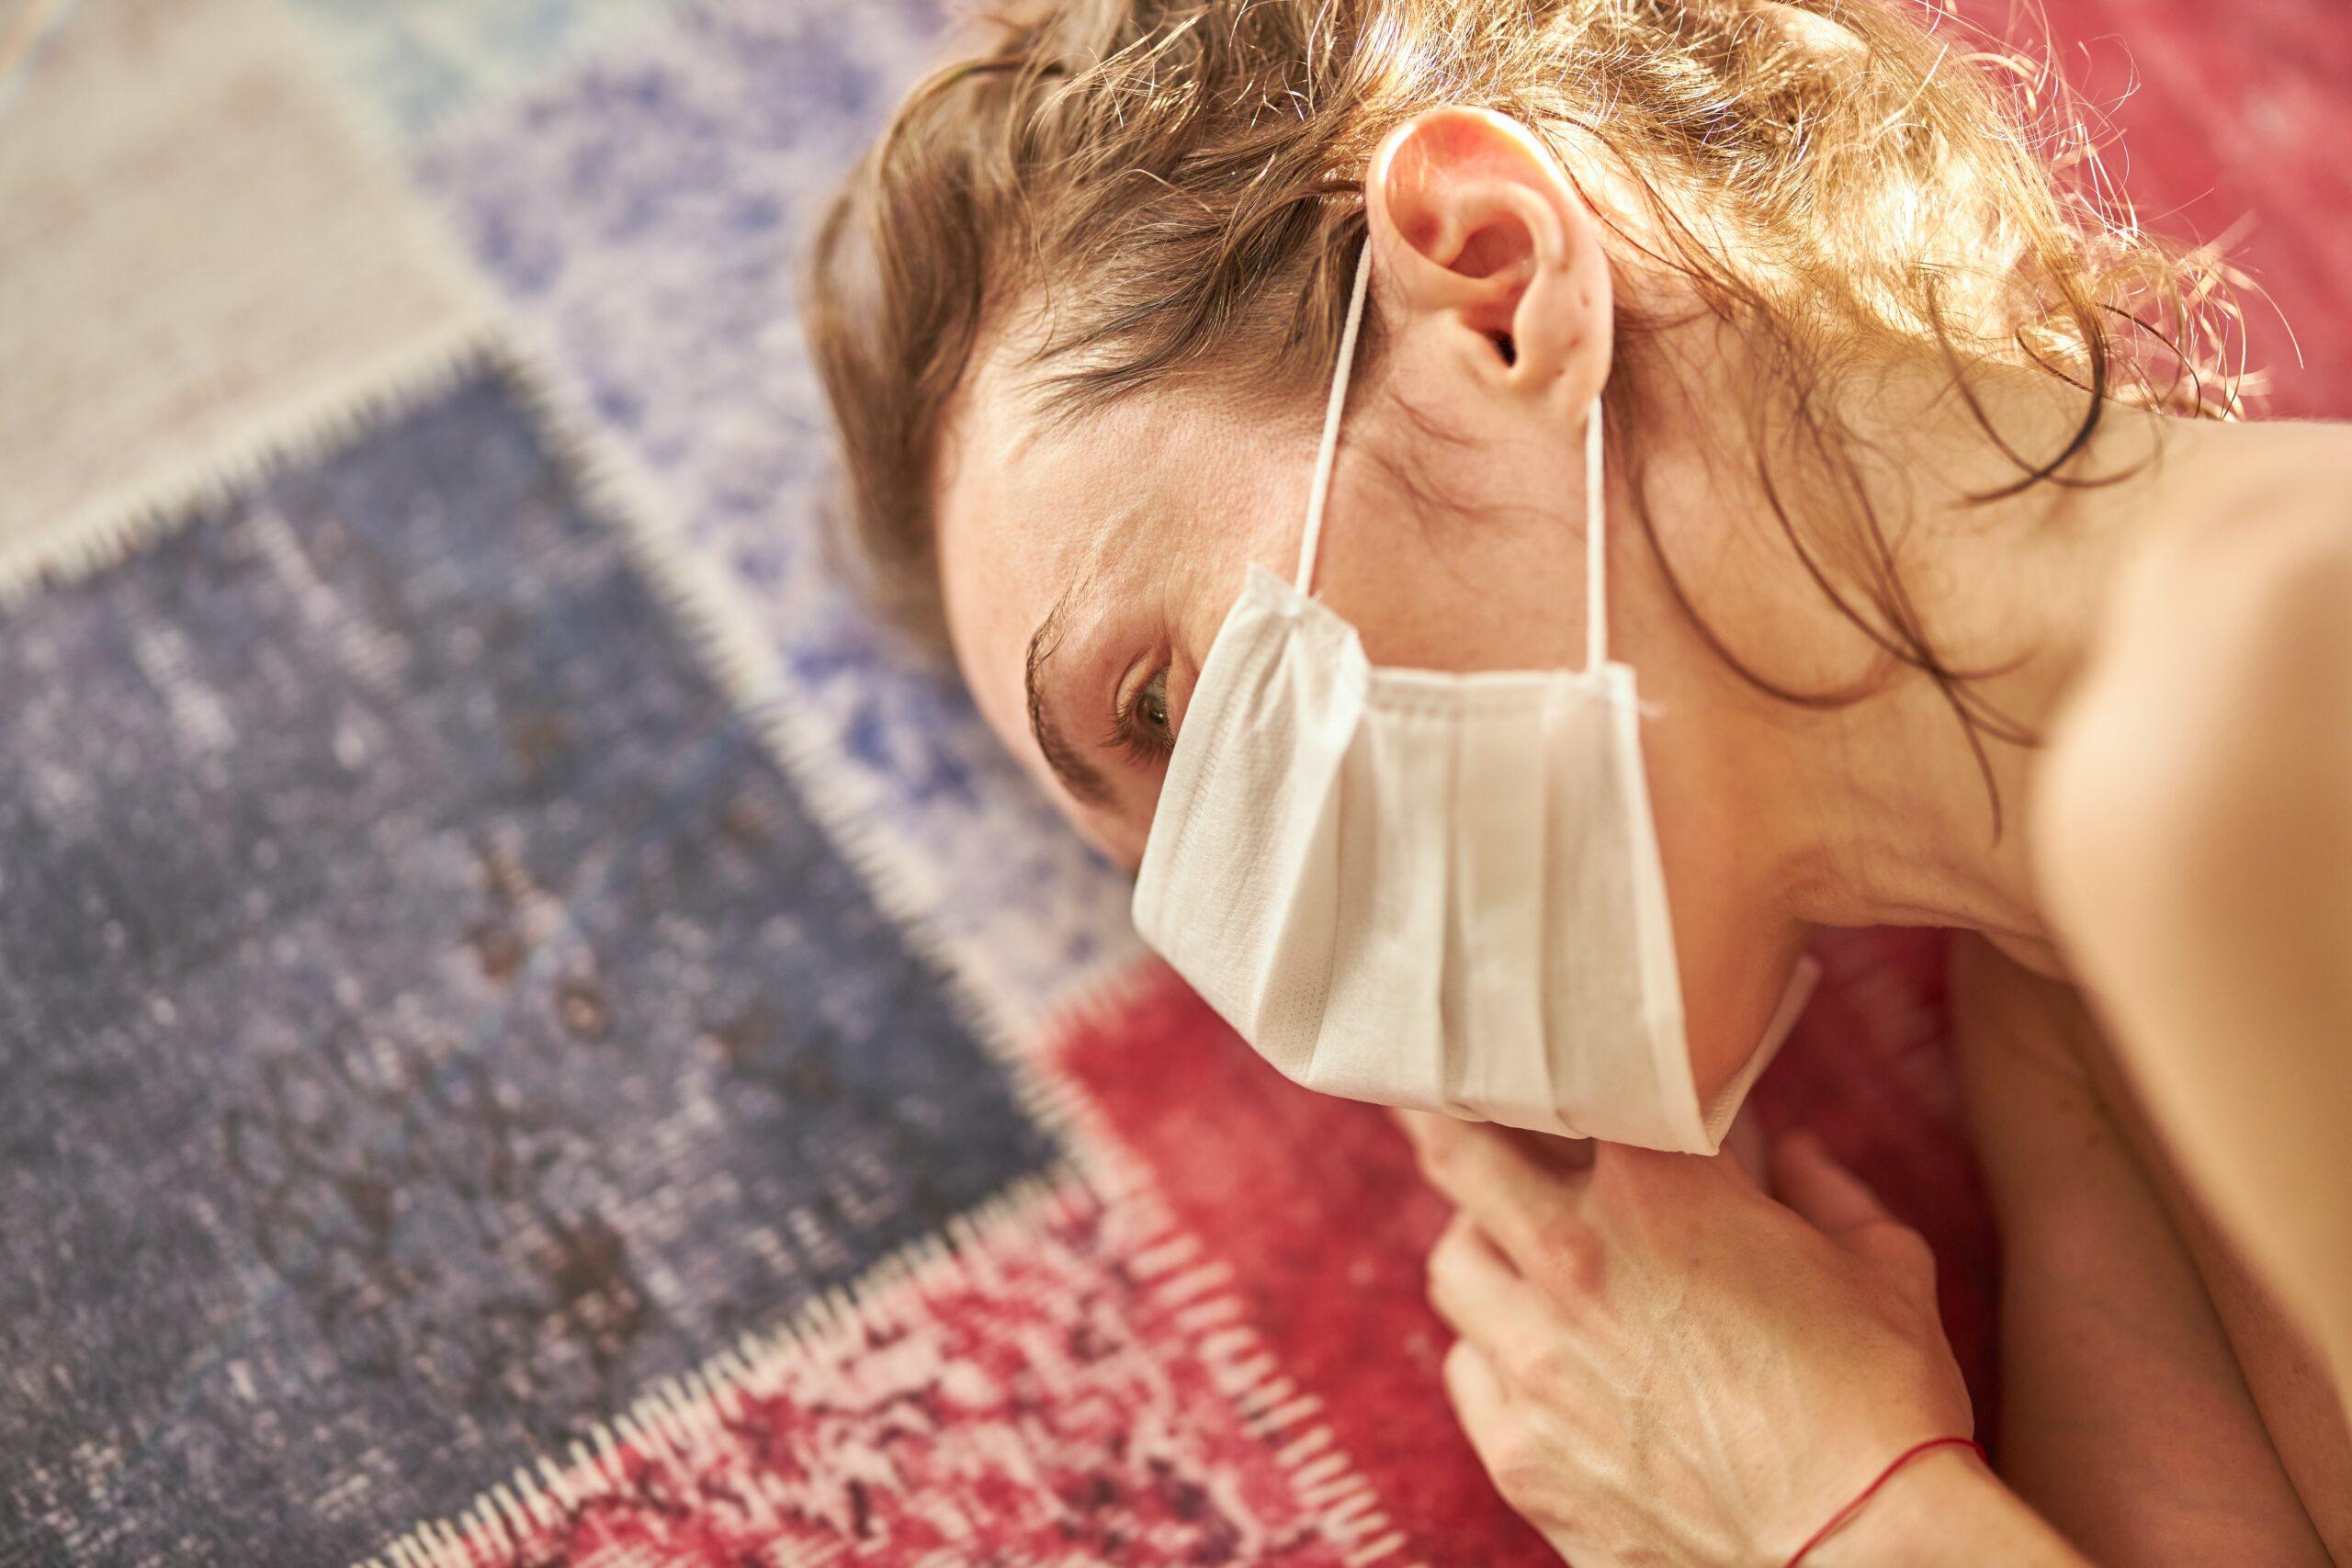 Eine Frau mit blonden Haaren liegt mit geschlossenen Augen auf dem Teppichboden. Sie hat einen weißen Mund-Nasen-Schutz auf.